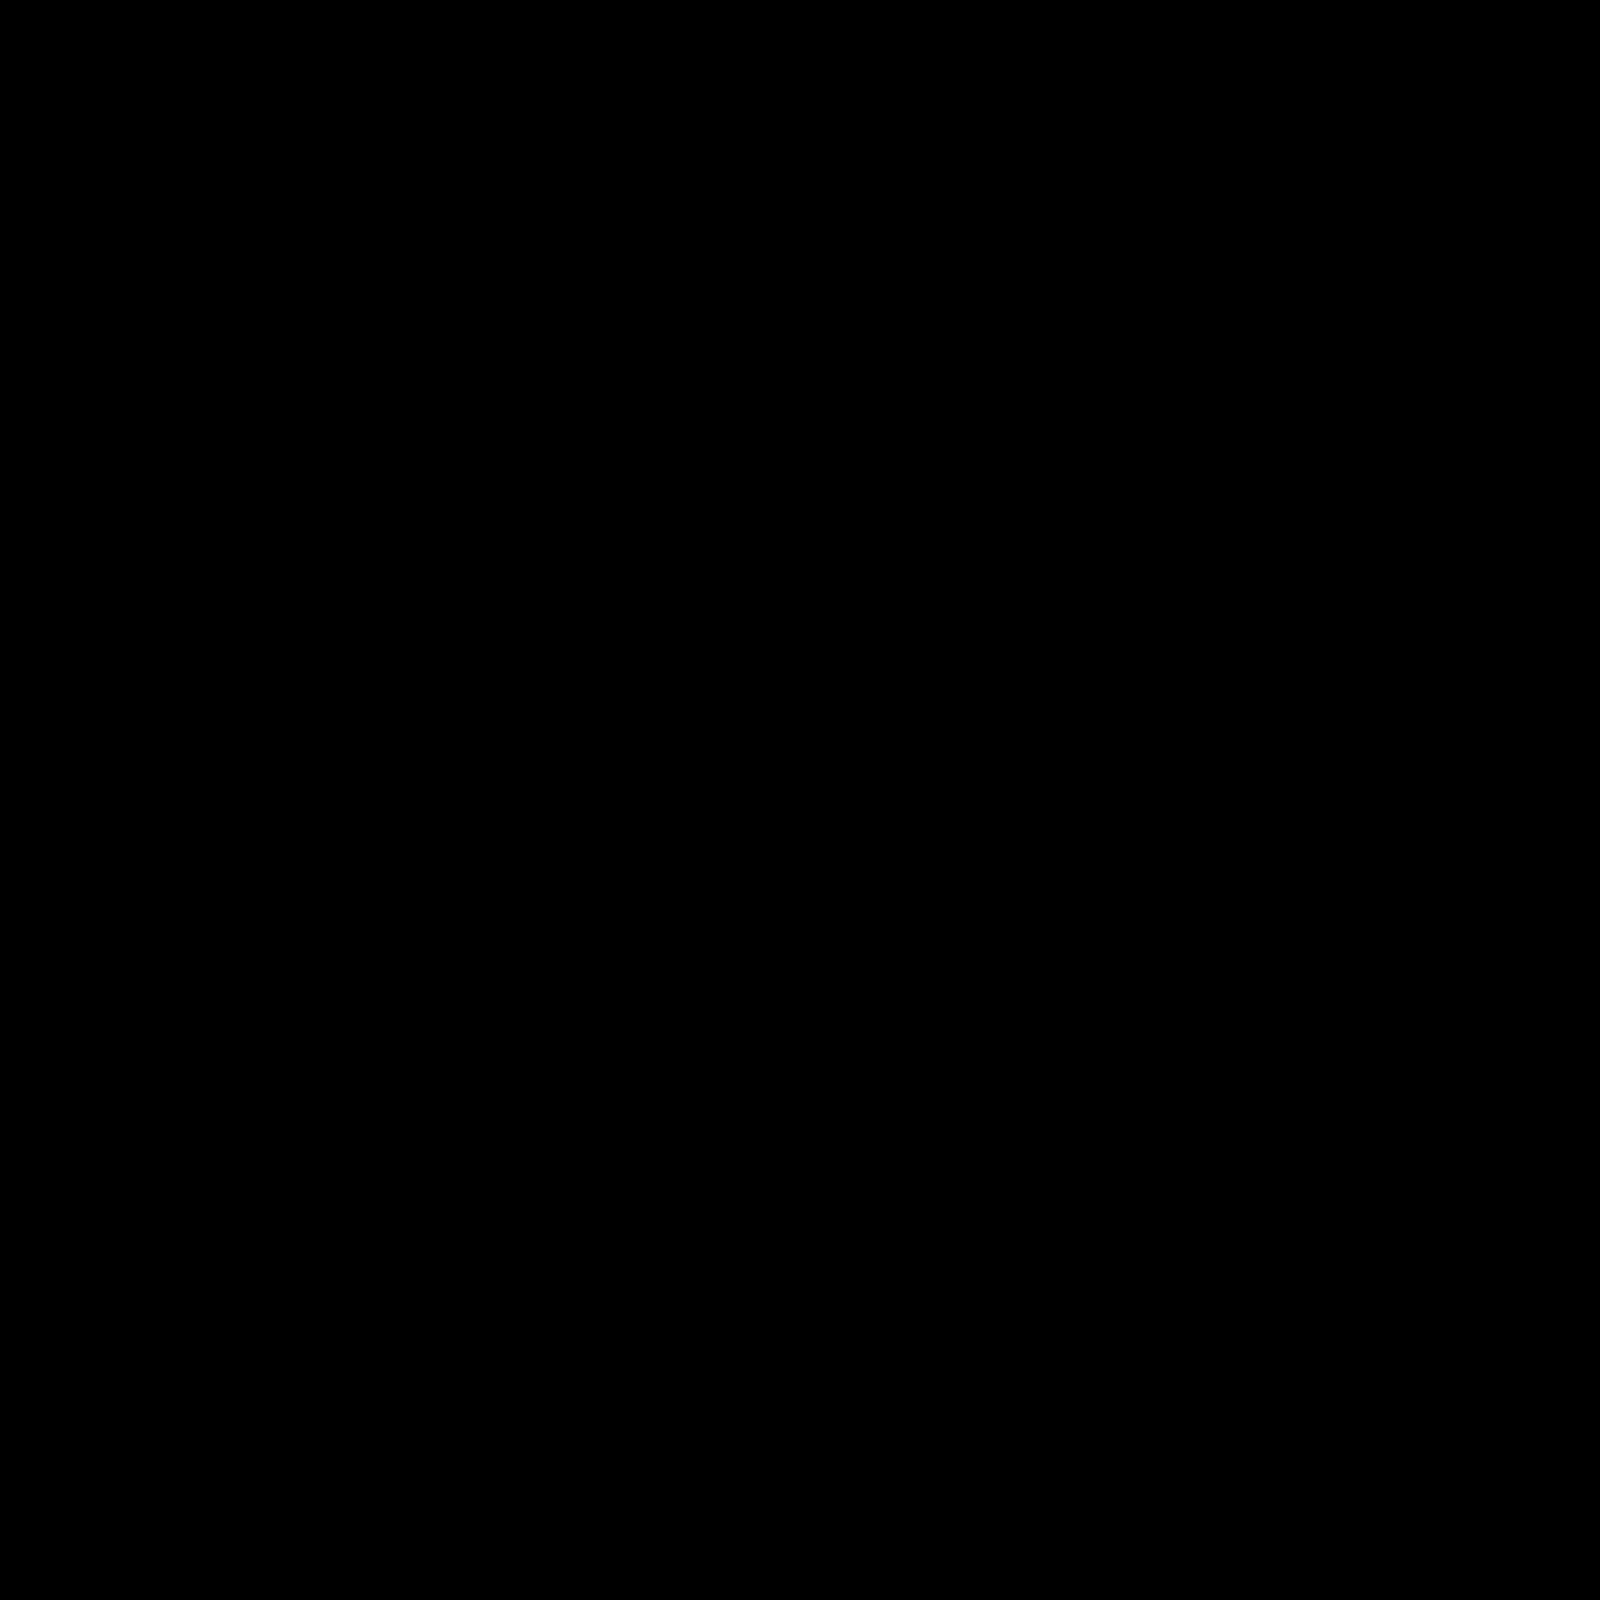 Иконка Drupal - скачать бесплатно в PNG и векторе b913756e333